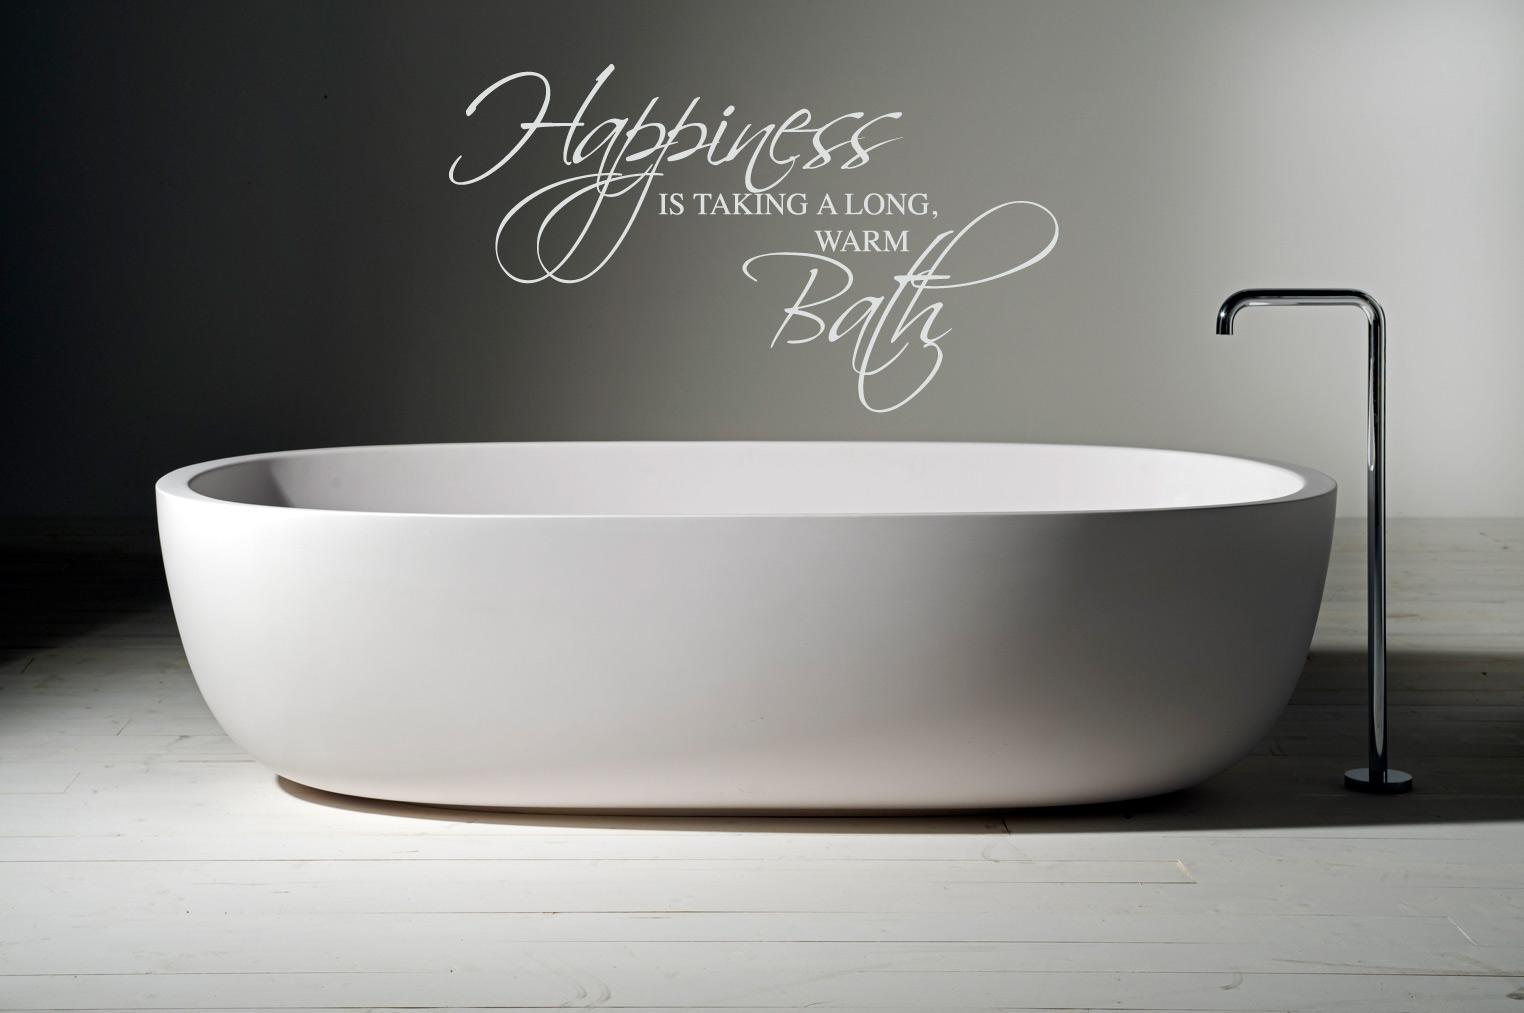 Bath quote #1